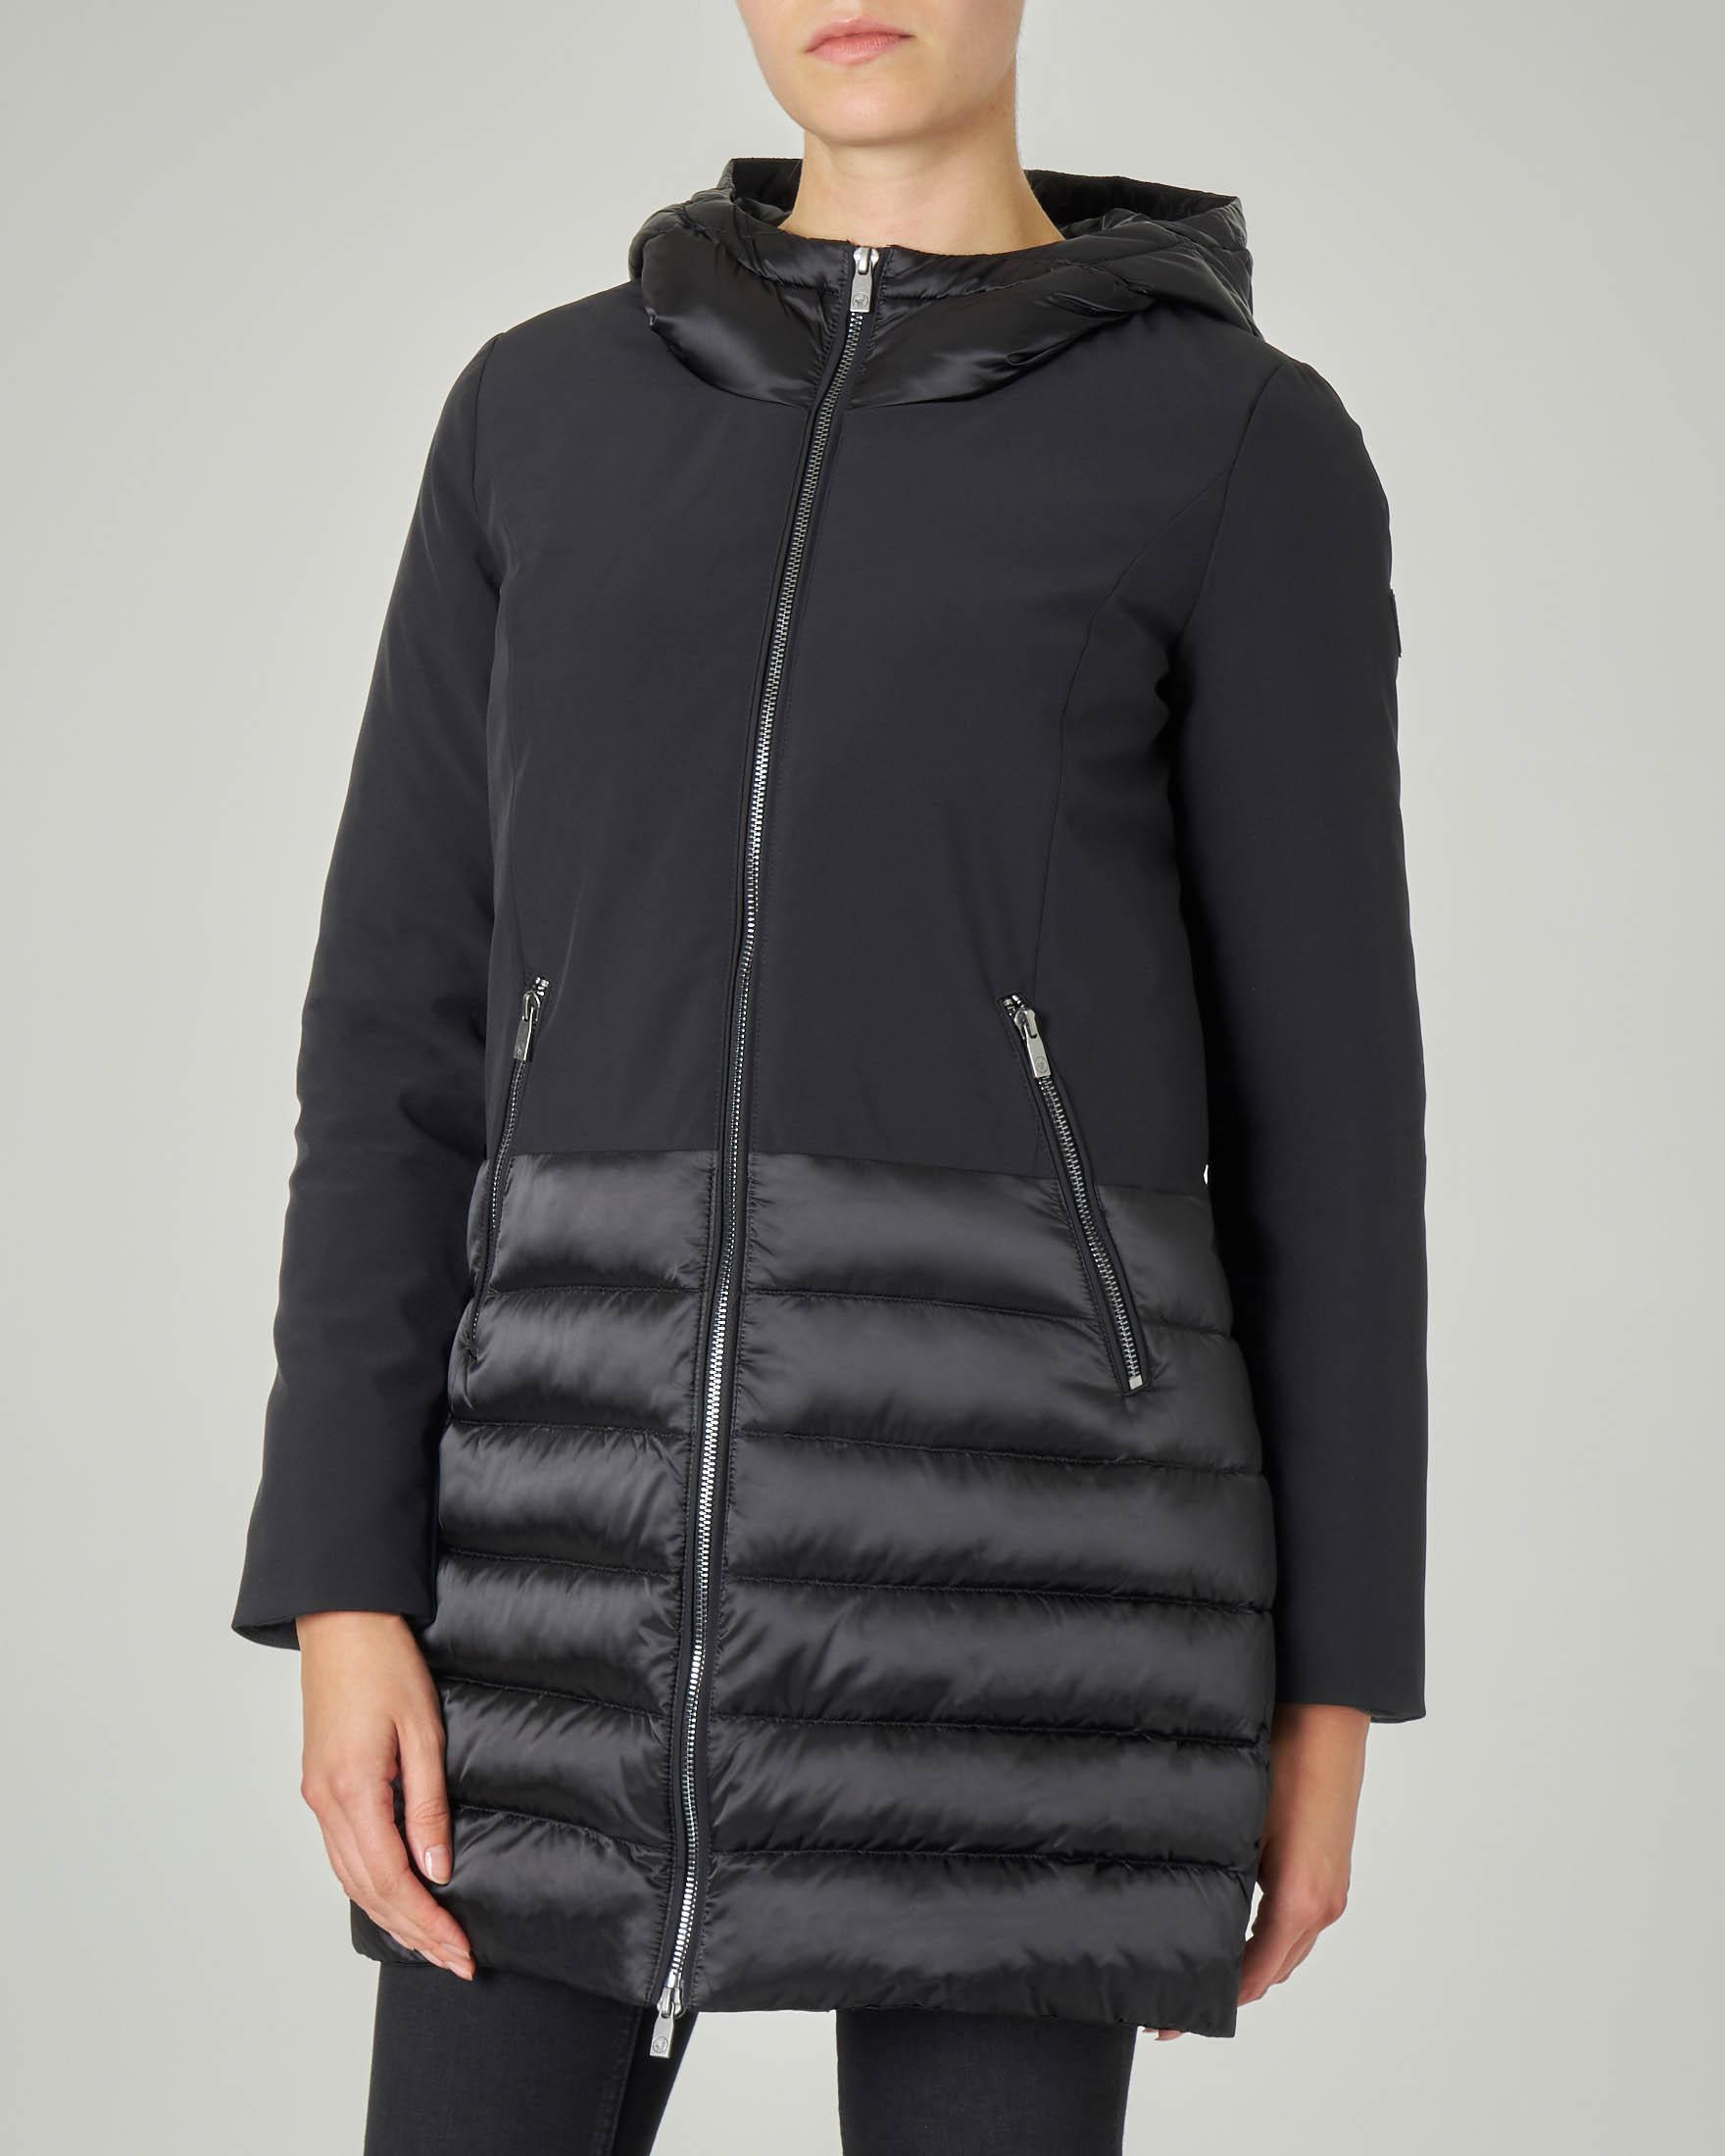 Giacca lunga nera in softshel con inserti in tessuto trapuntato e cappuccio